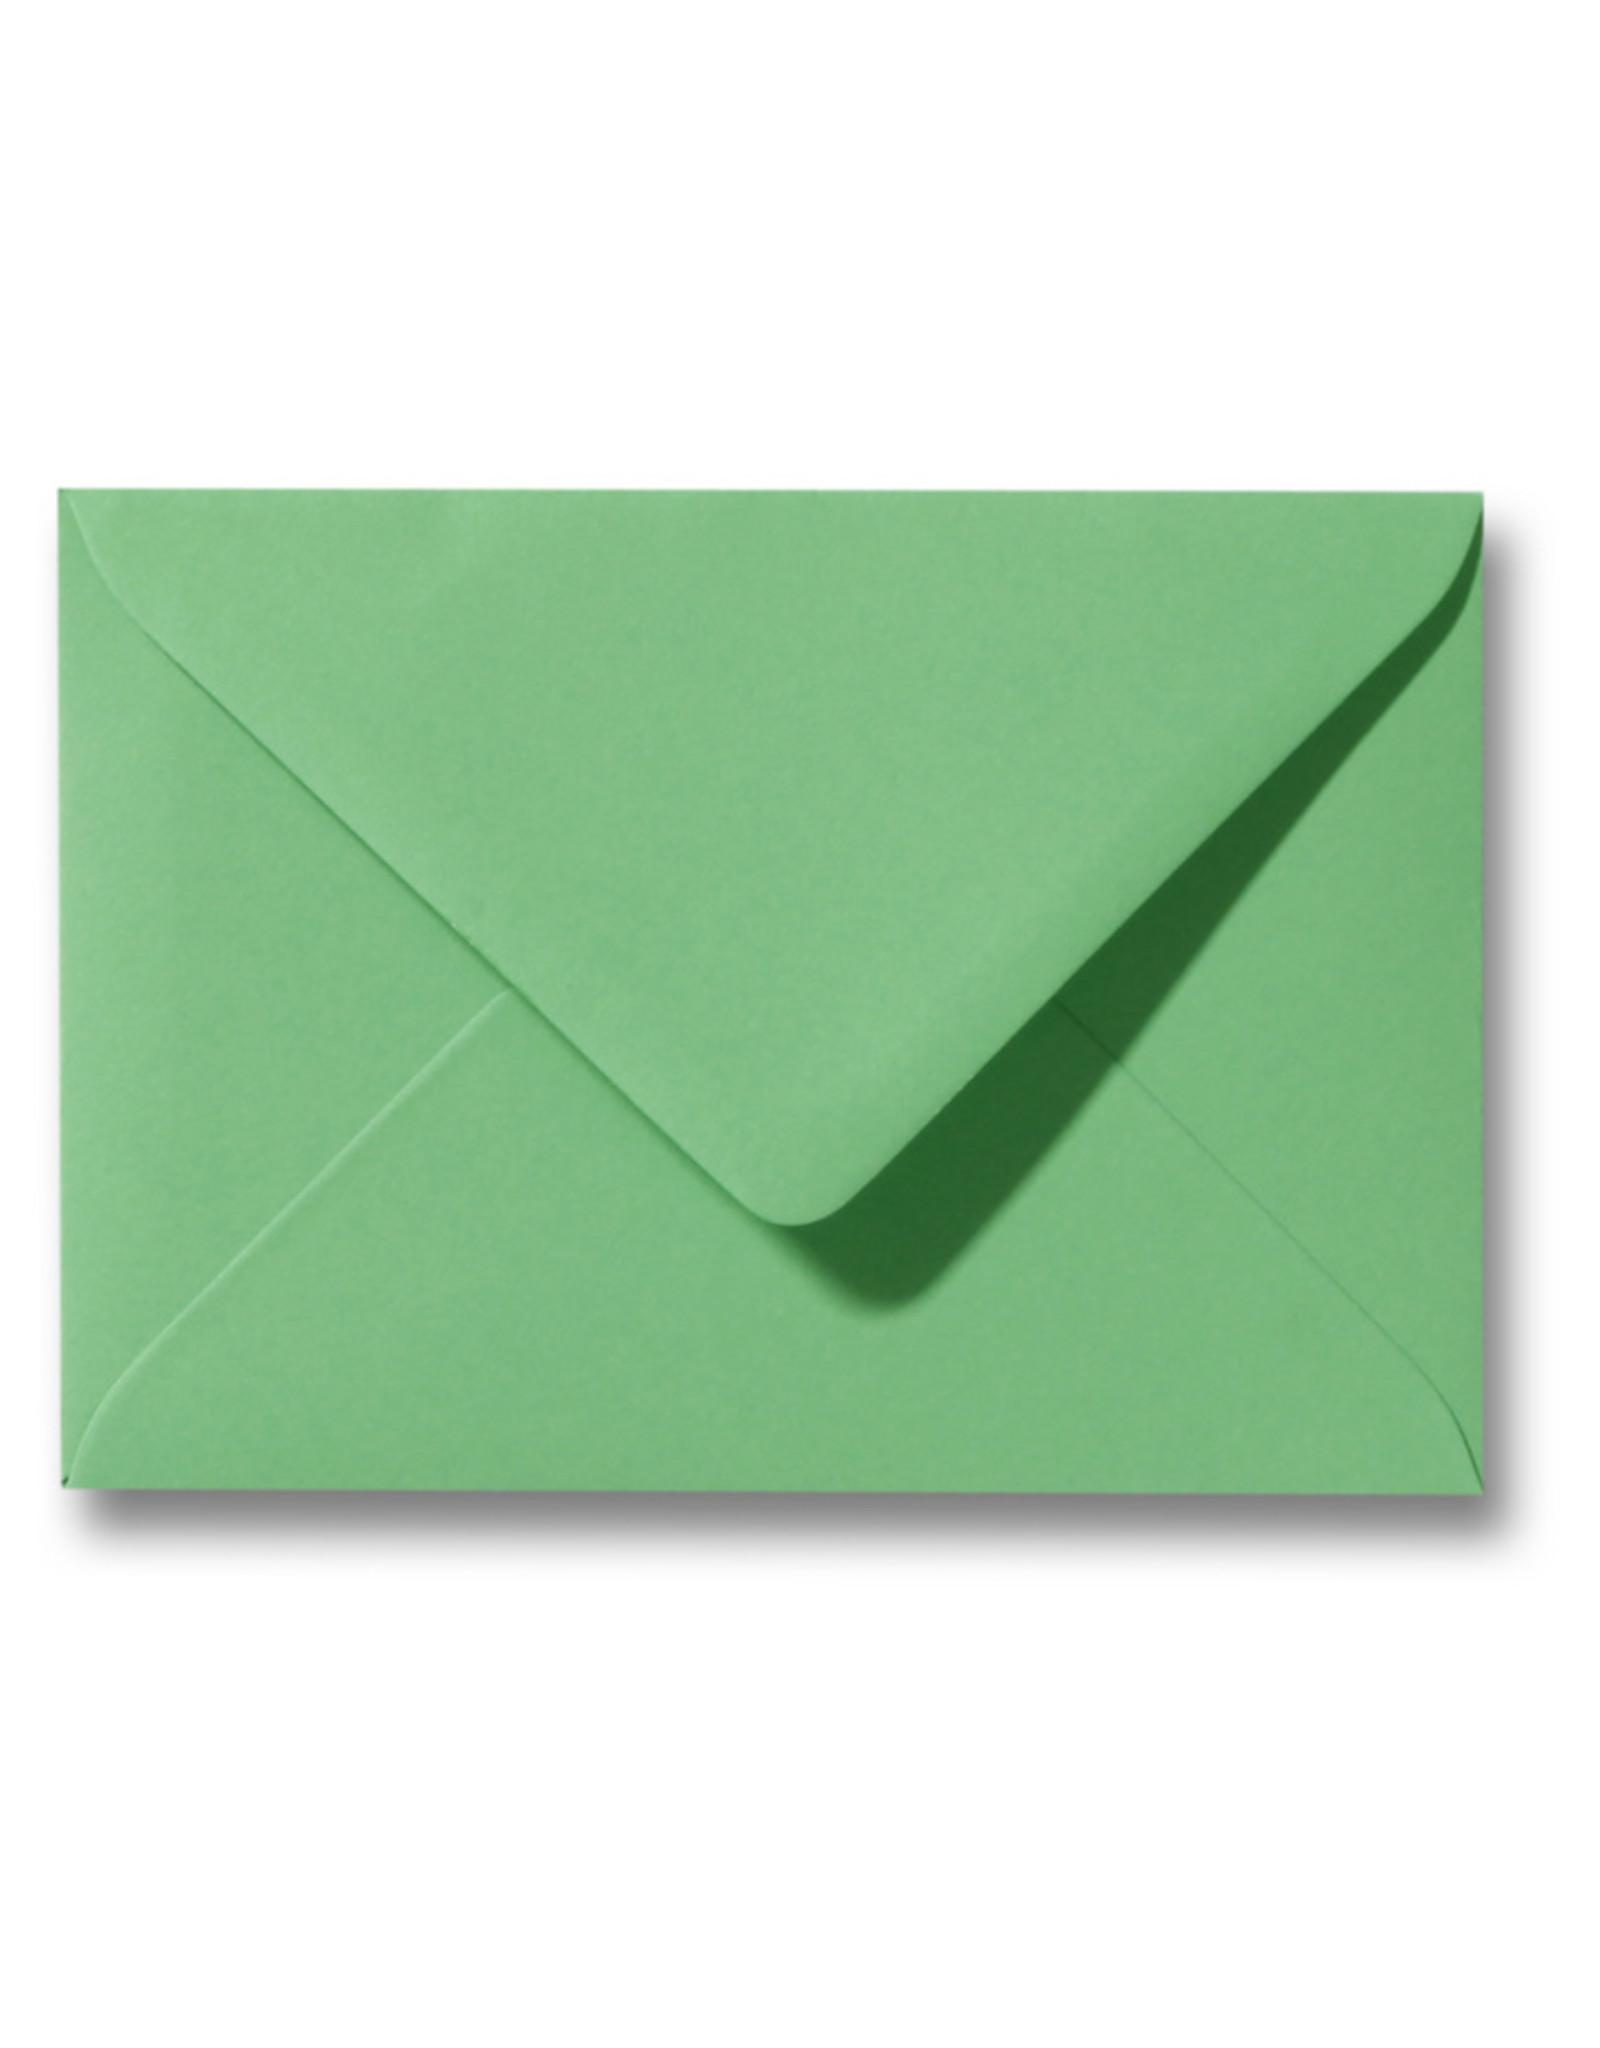 www.Robin.cards Blanco effen envelop  Lentegroen